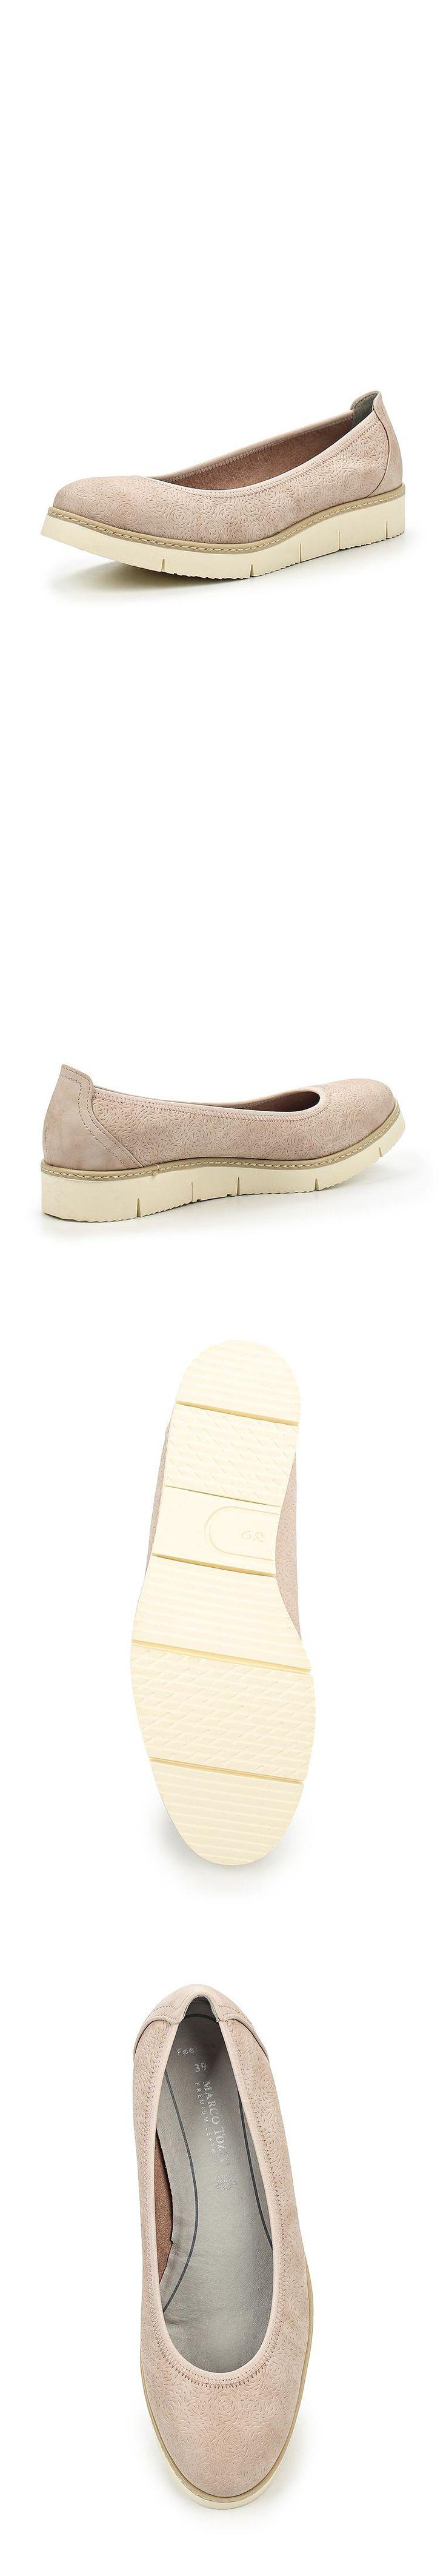 Женская обувь туфли Marco Tozzi за 3499.00 руб.